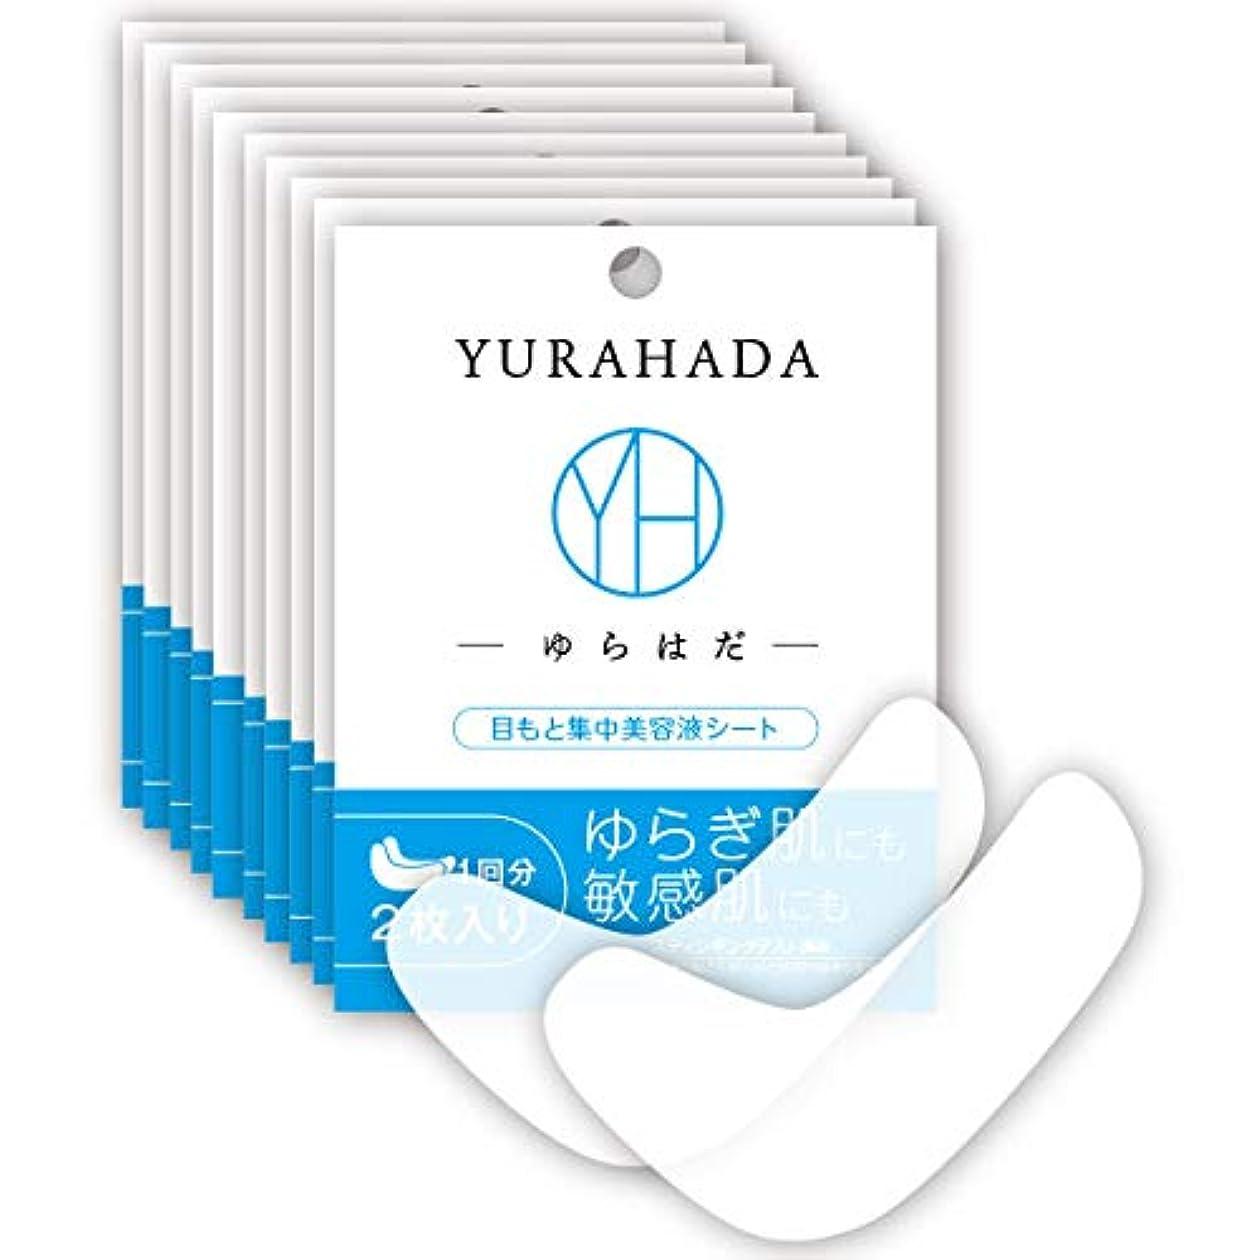 み敬の念帝国YURAHADA目もと集中美容液シート(2枚入)10回セット